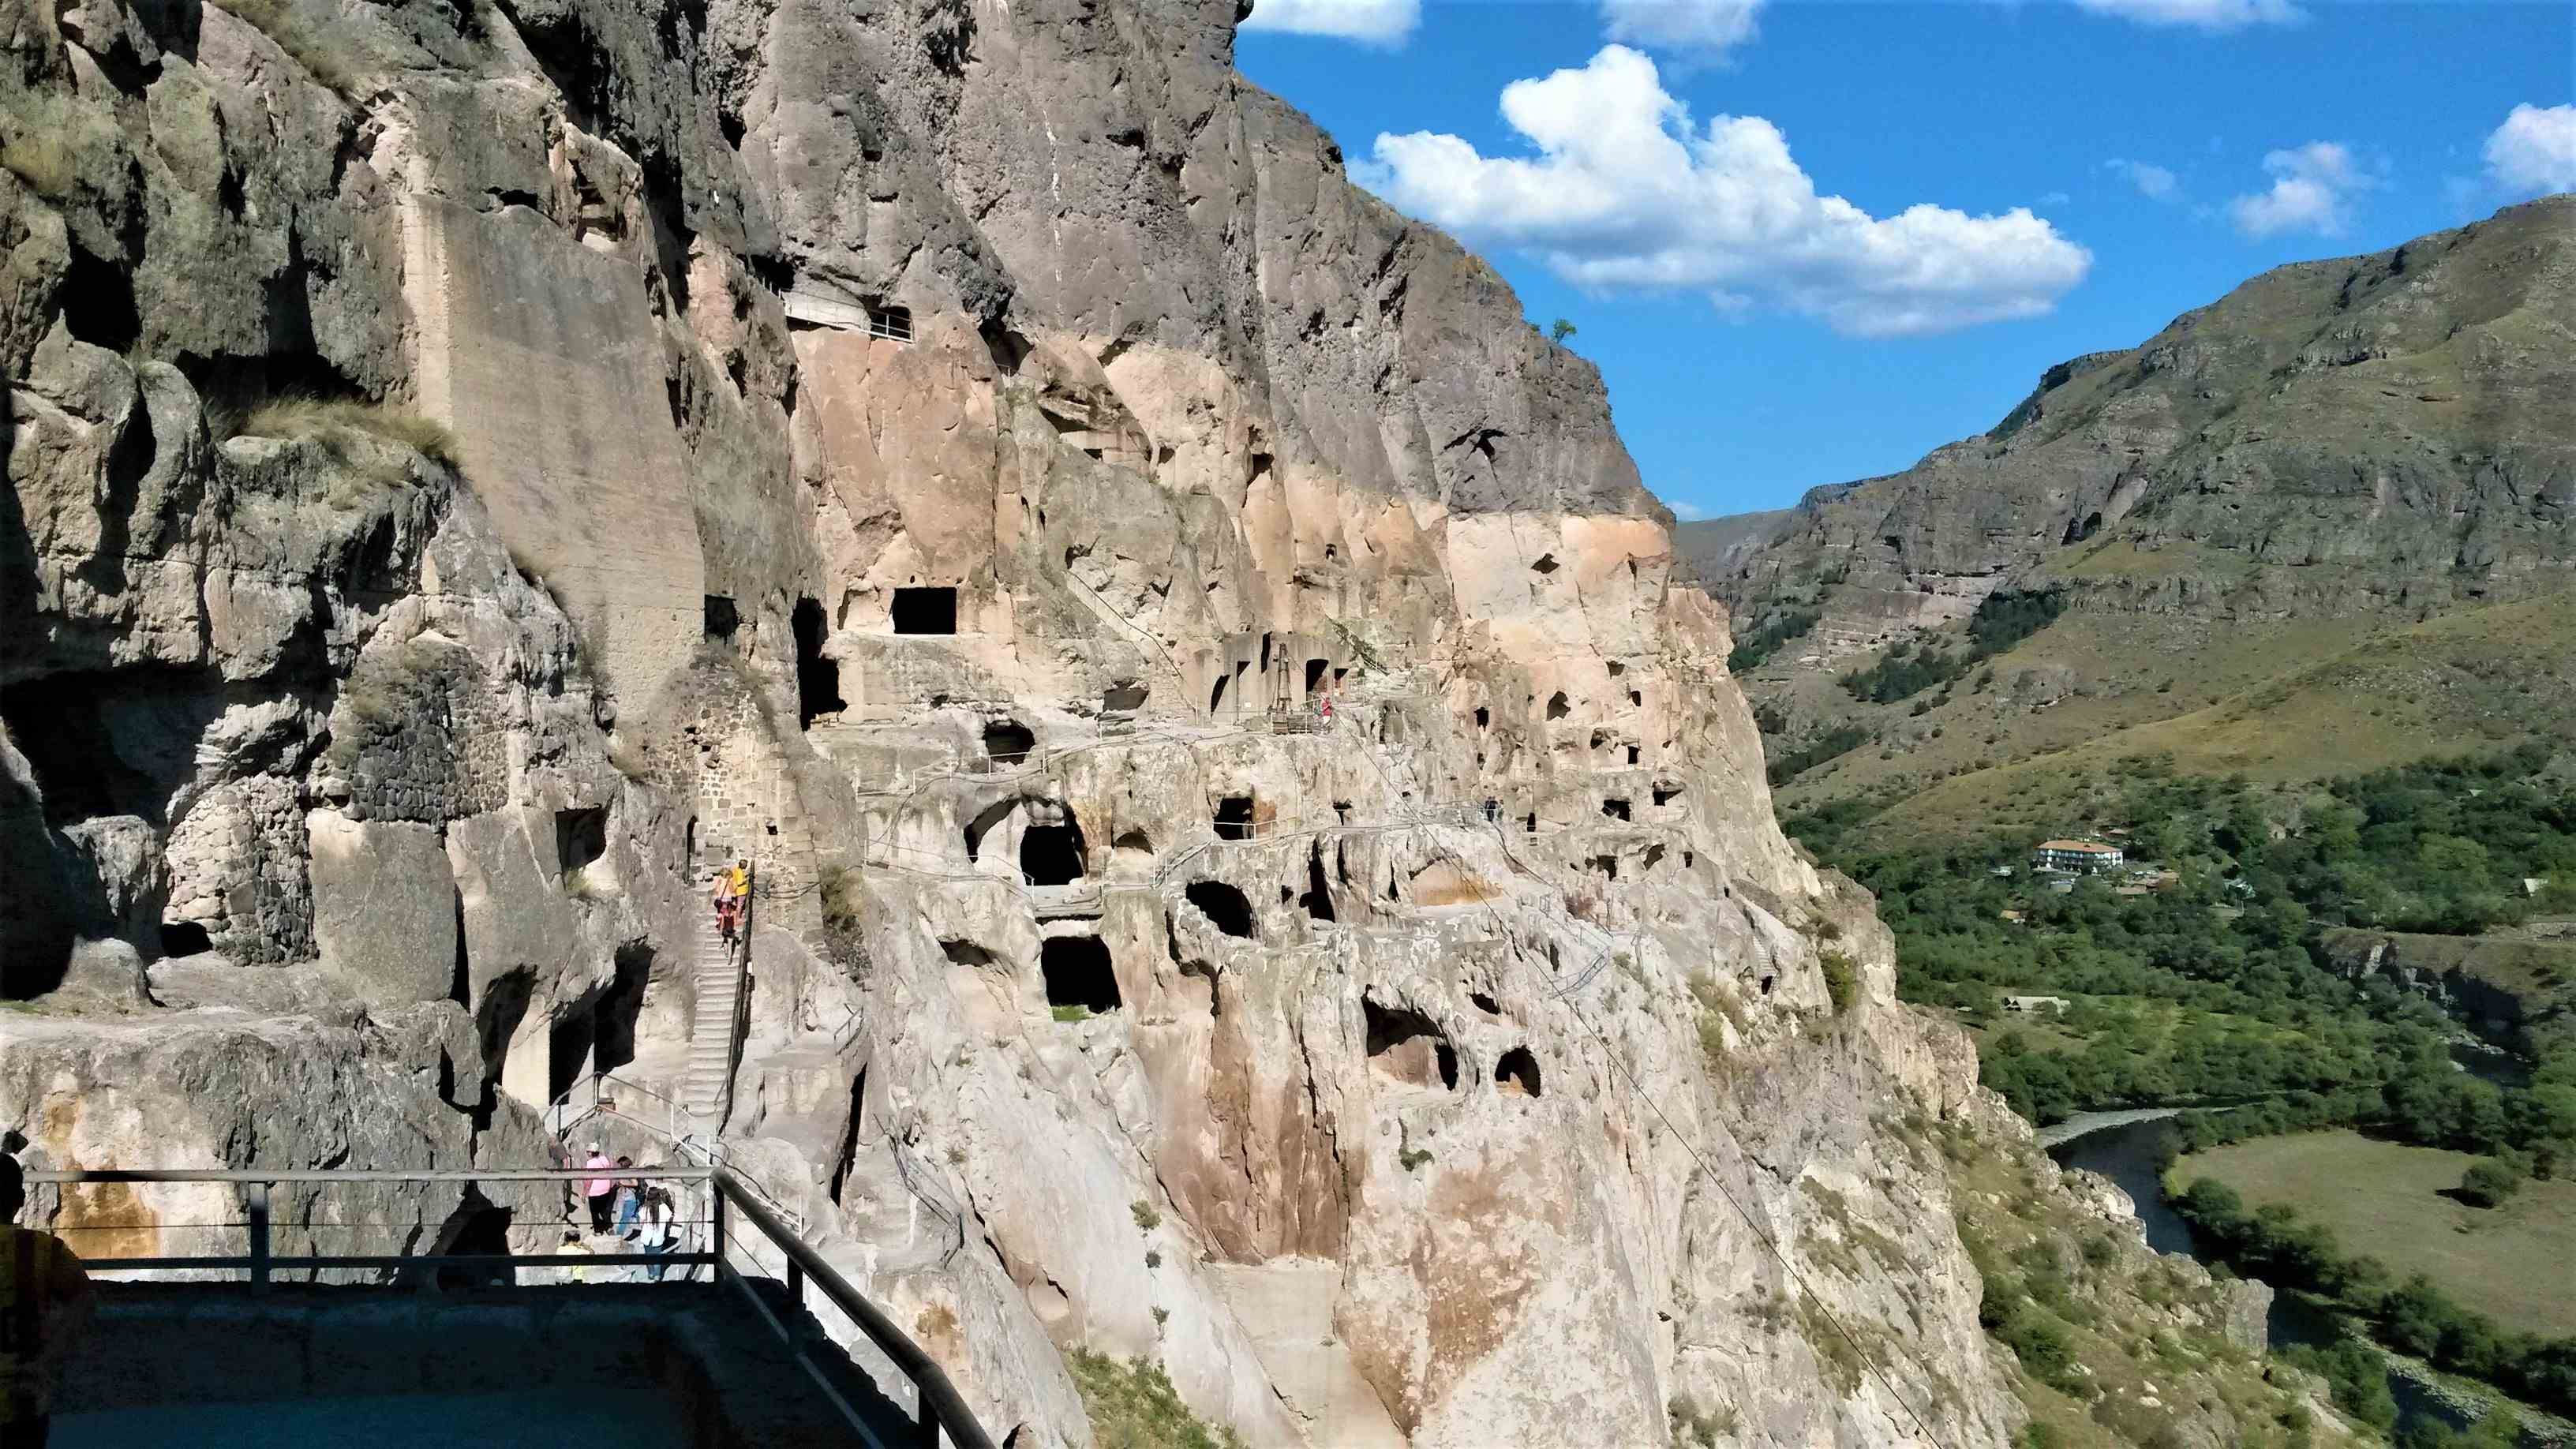 Легендарный пещерный город-монастырь Вардзия